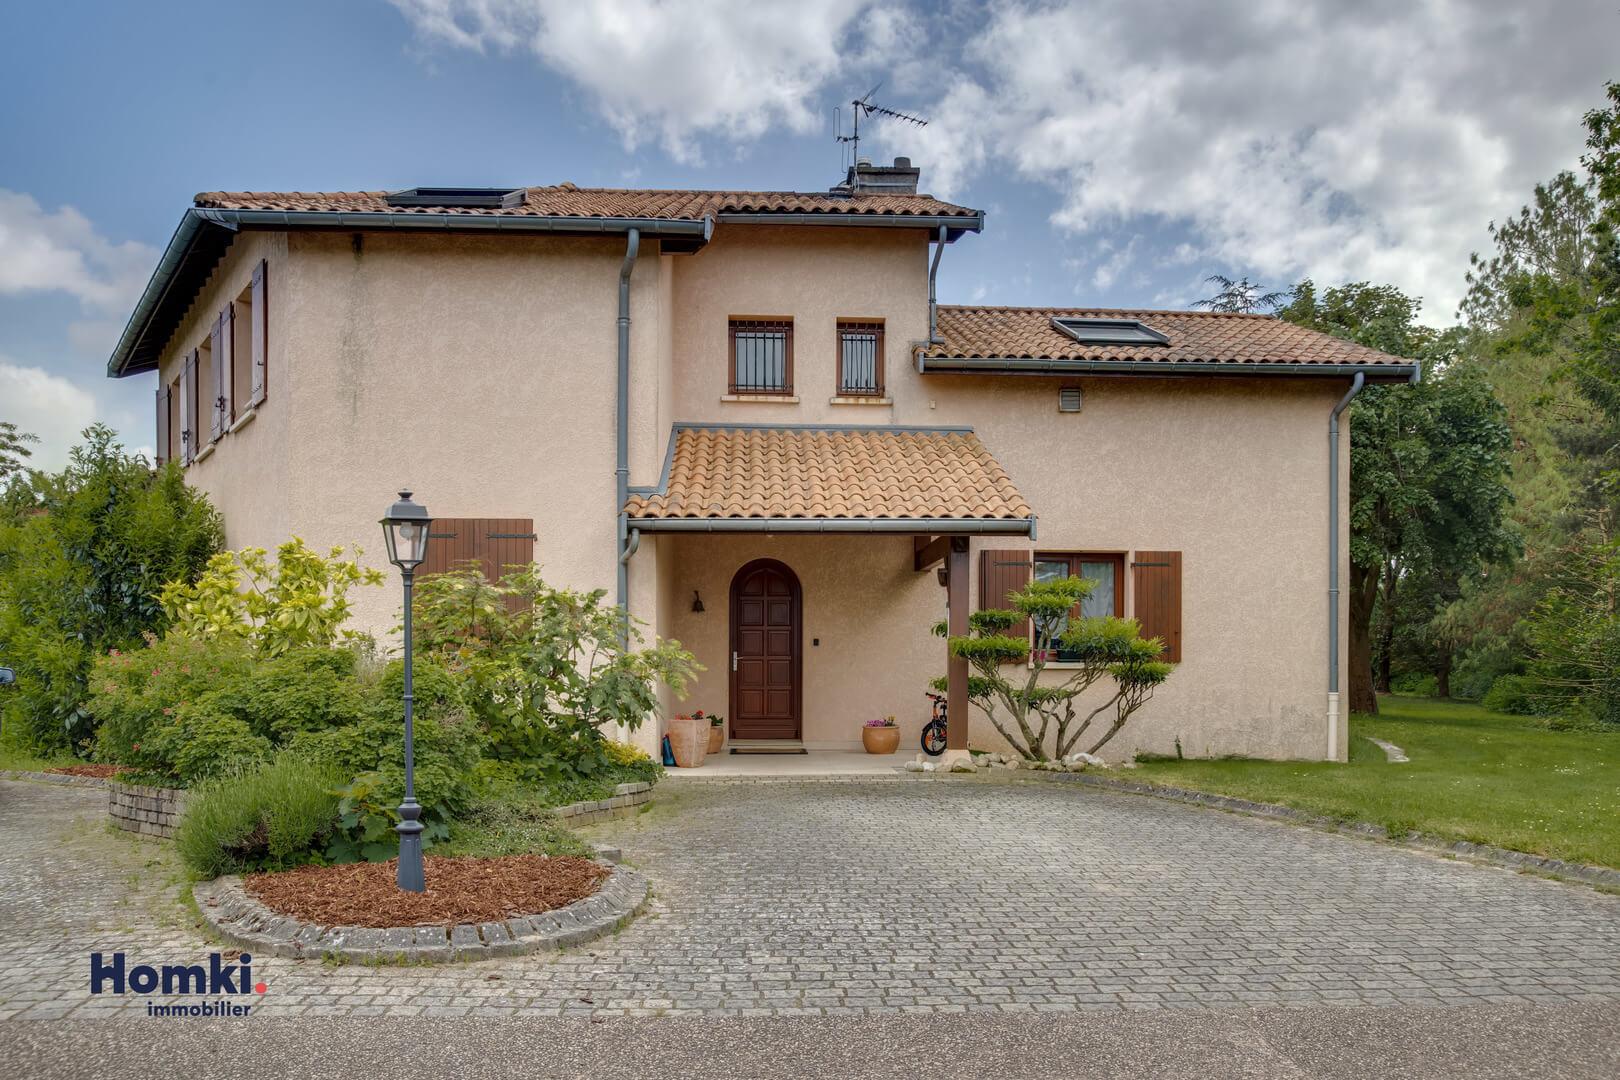 Vente maison familial Lyon Pérouges_agence_immo_sans_commission_2